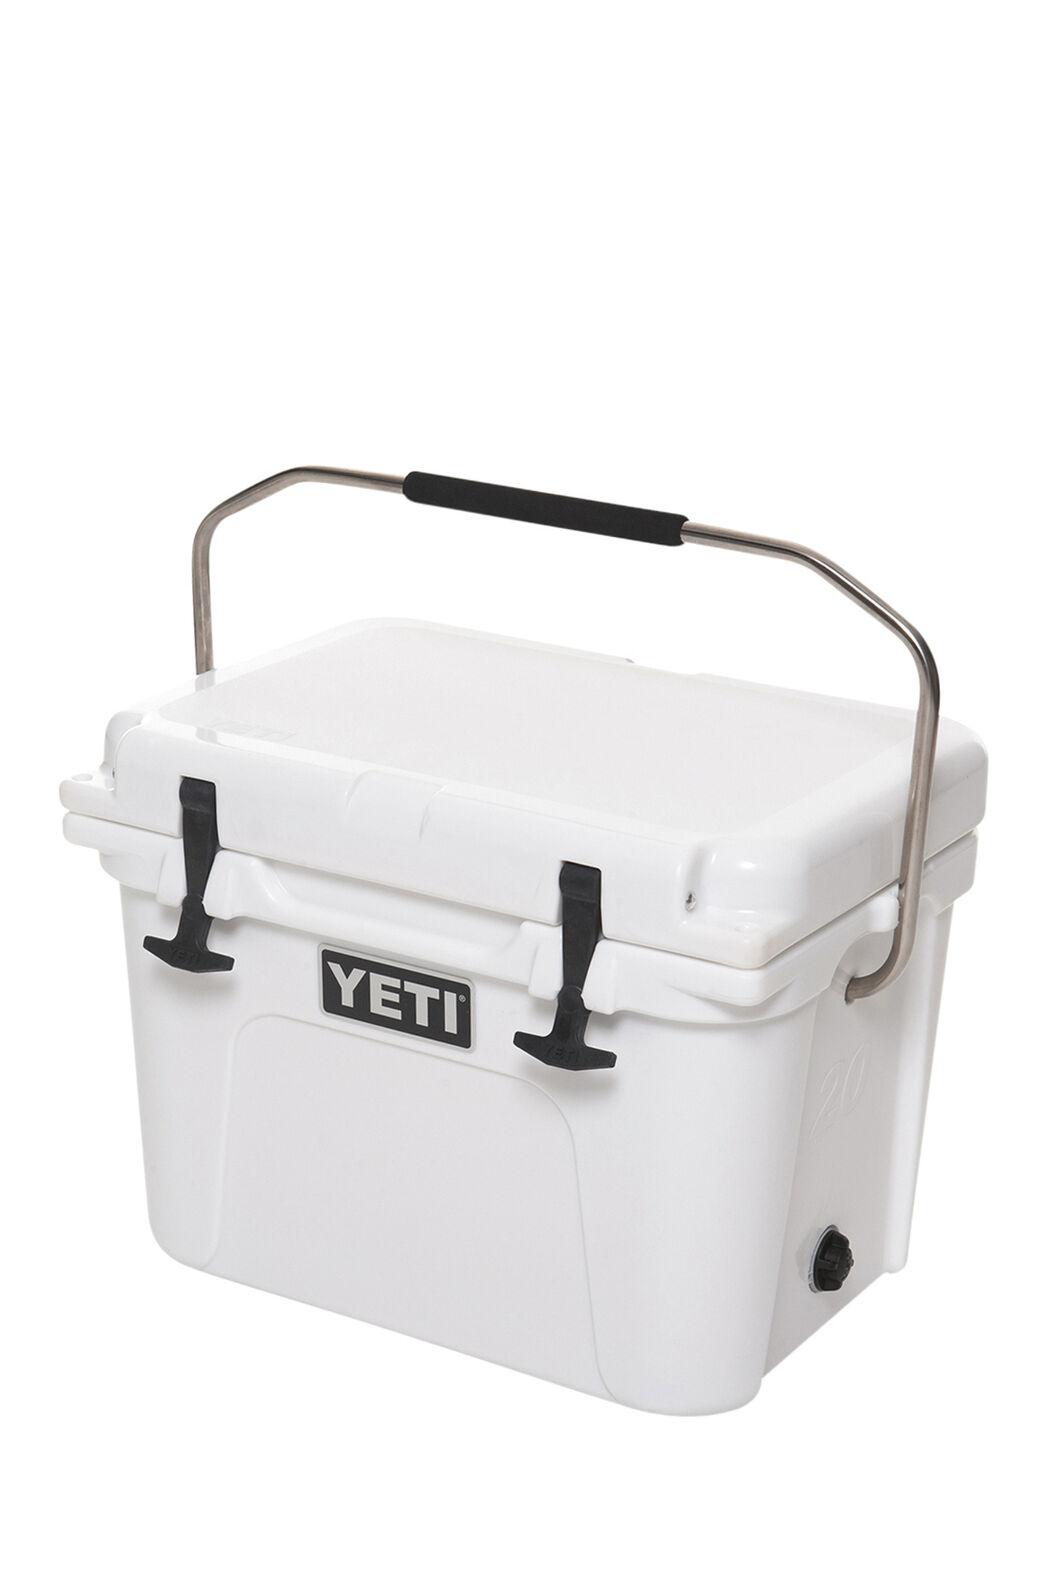 Yeti Roadie 20 Cooler Tan, White, hi-res